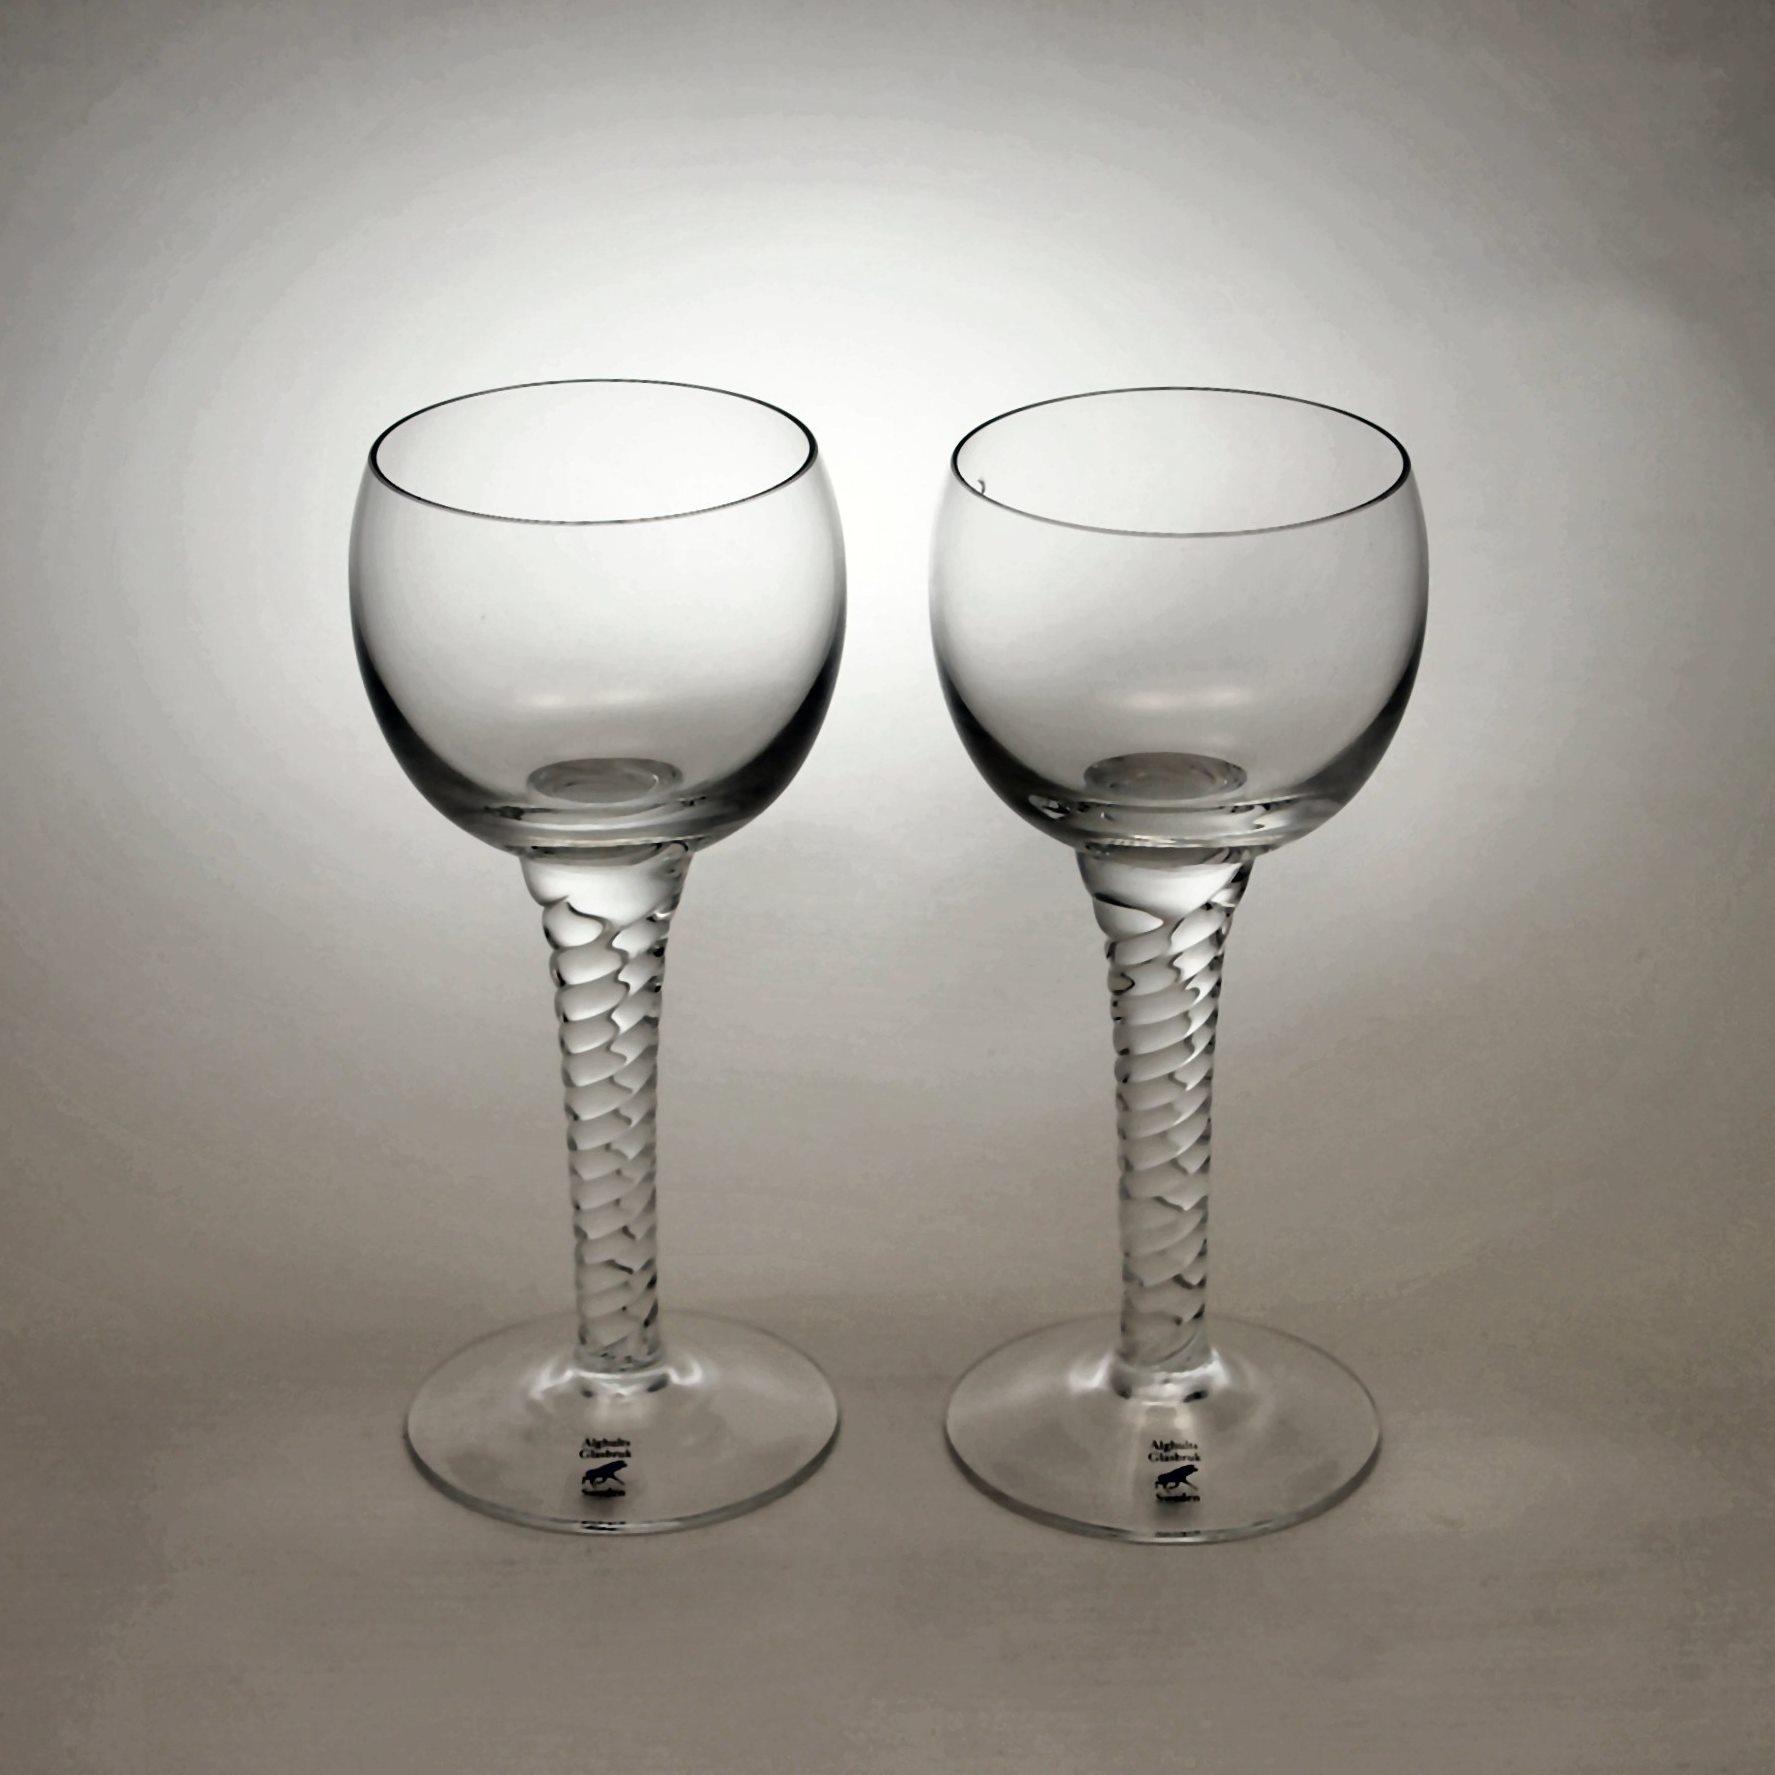 アルグハルト ツイスト シェリーグラス ペア Alghult Twist Sherry glass